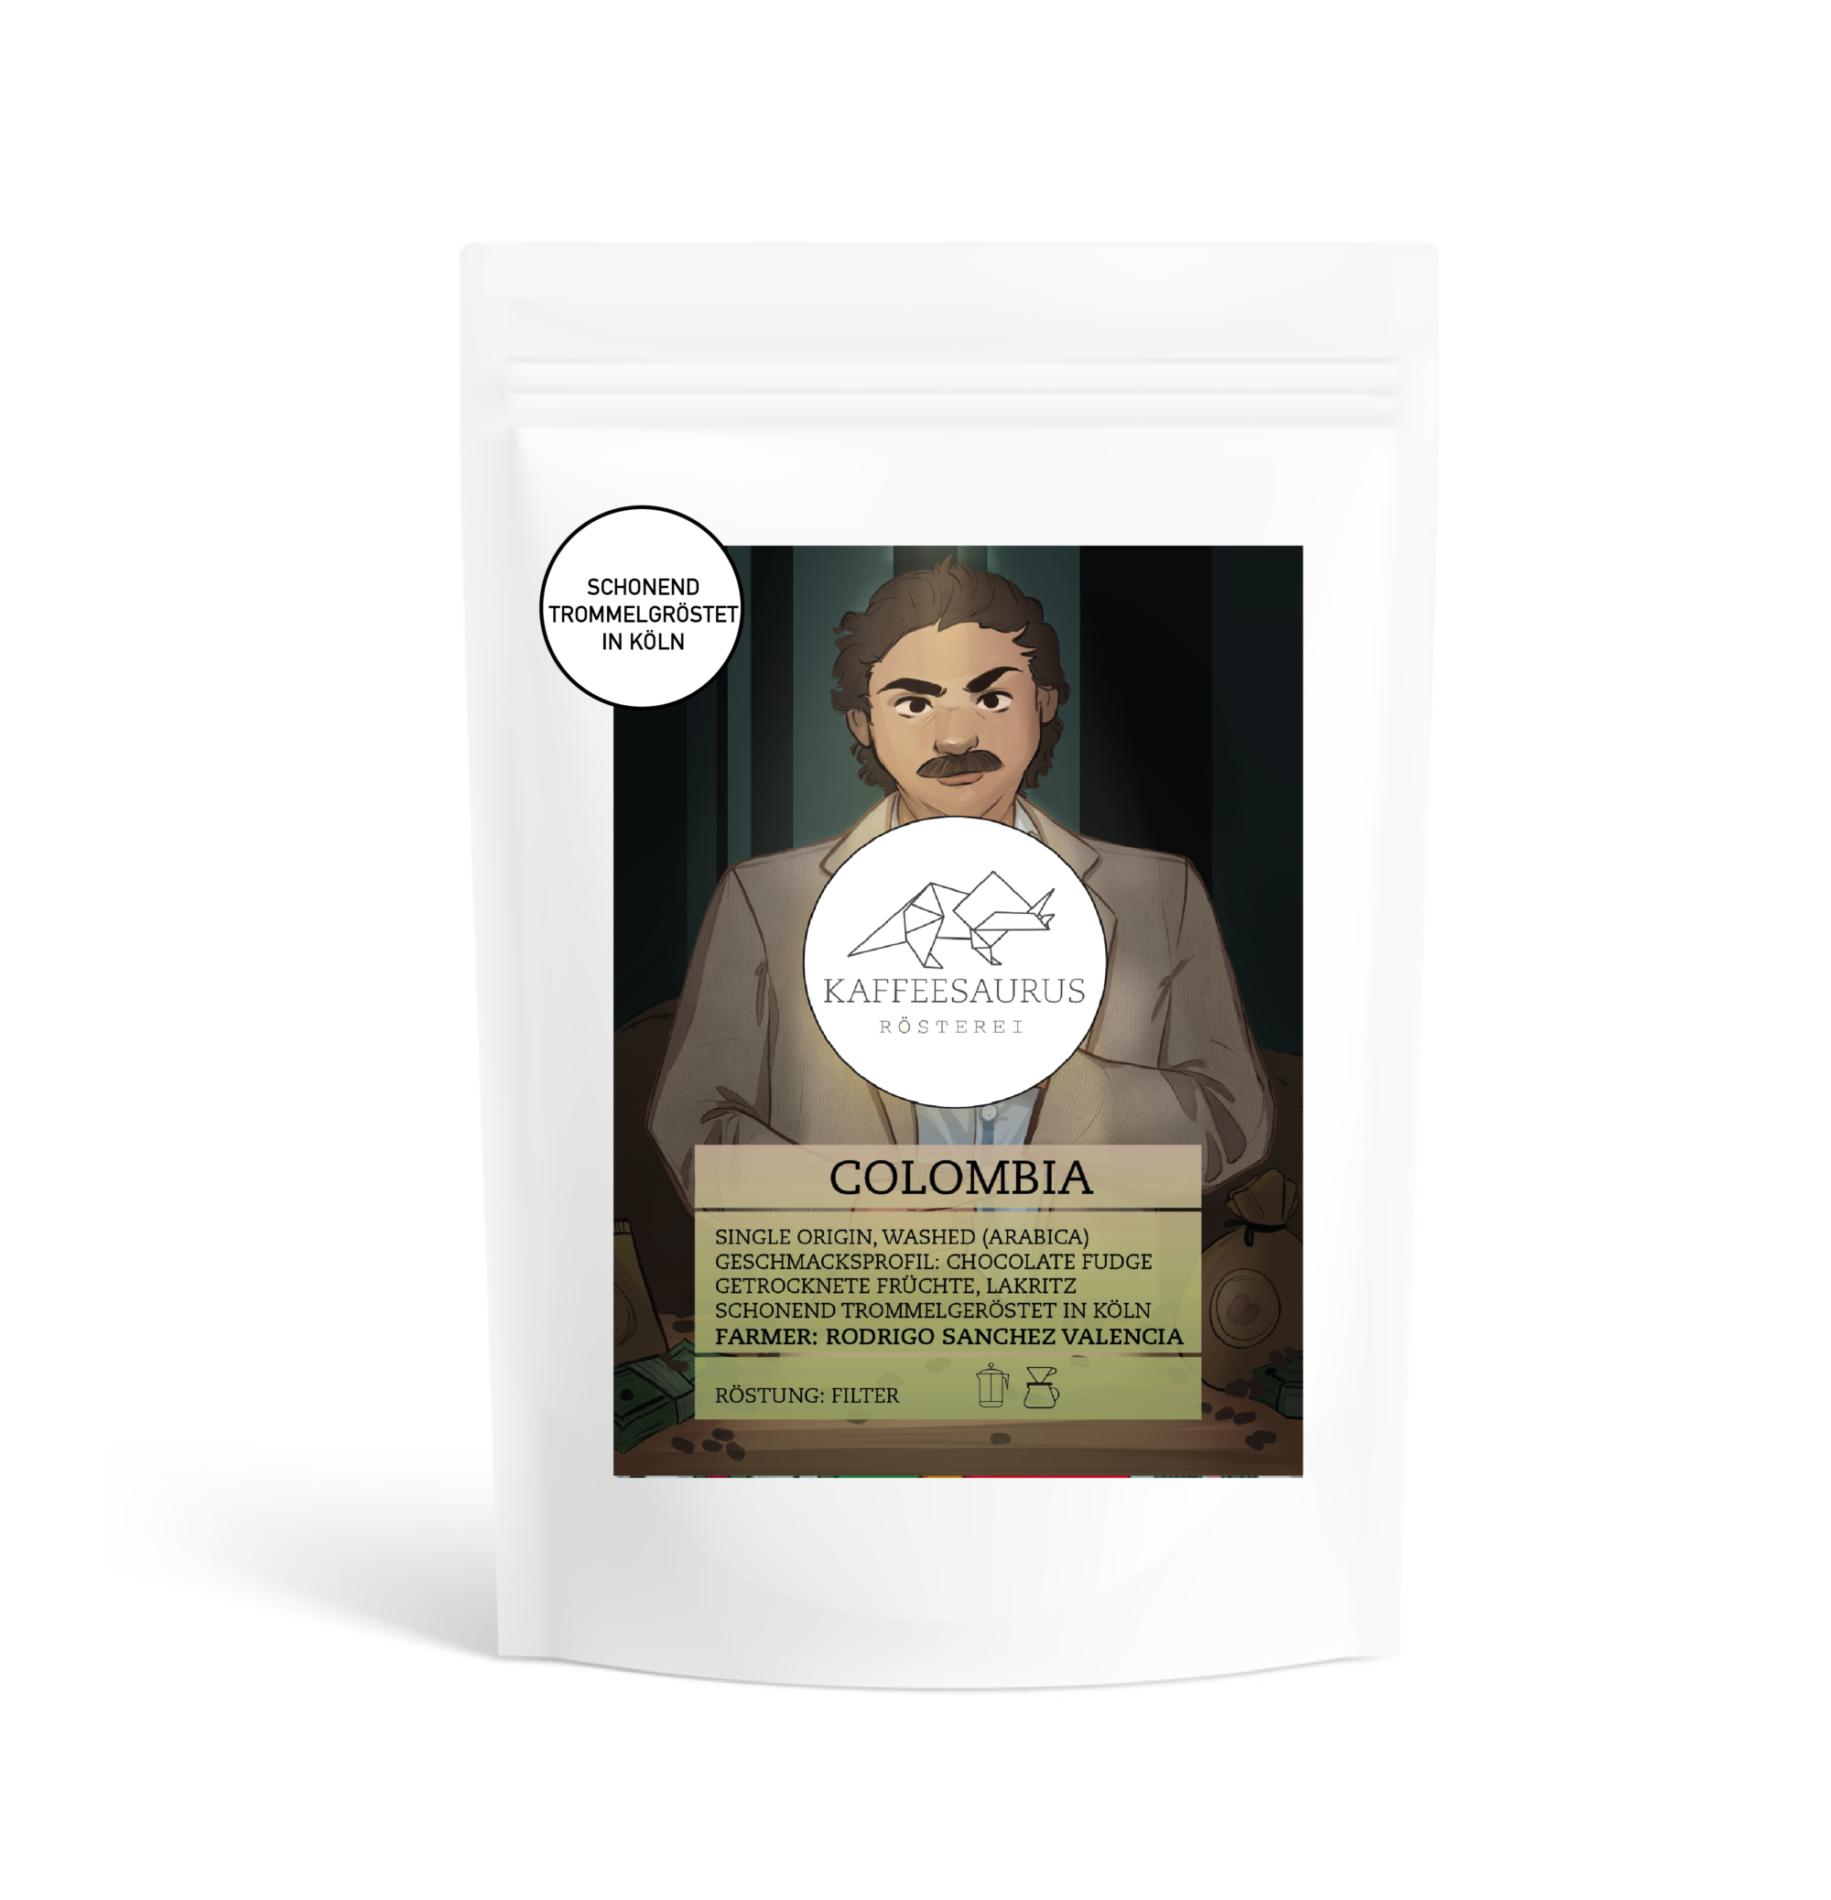 Colombia Filterkaffee Kaffeesaurus